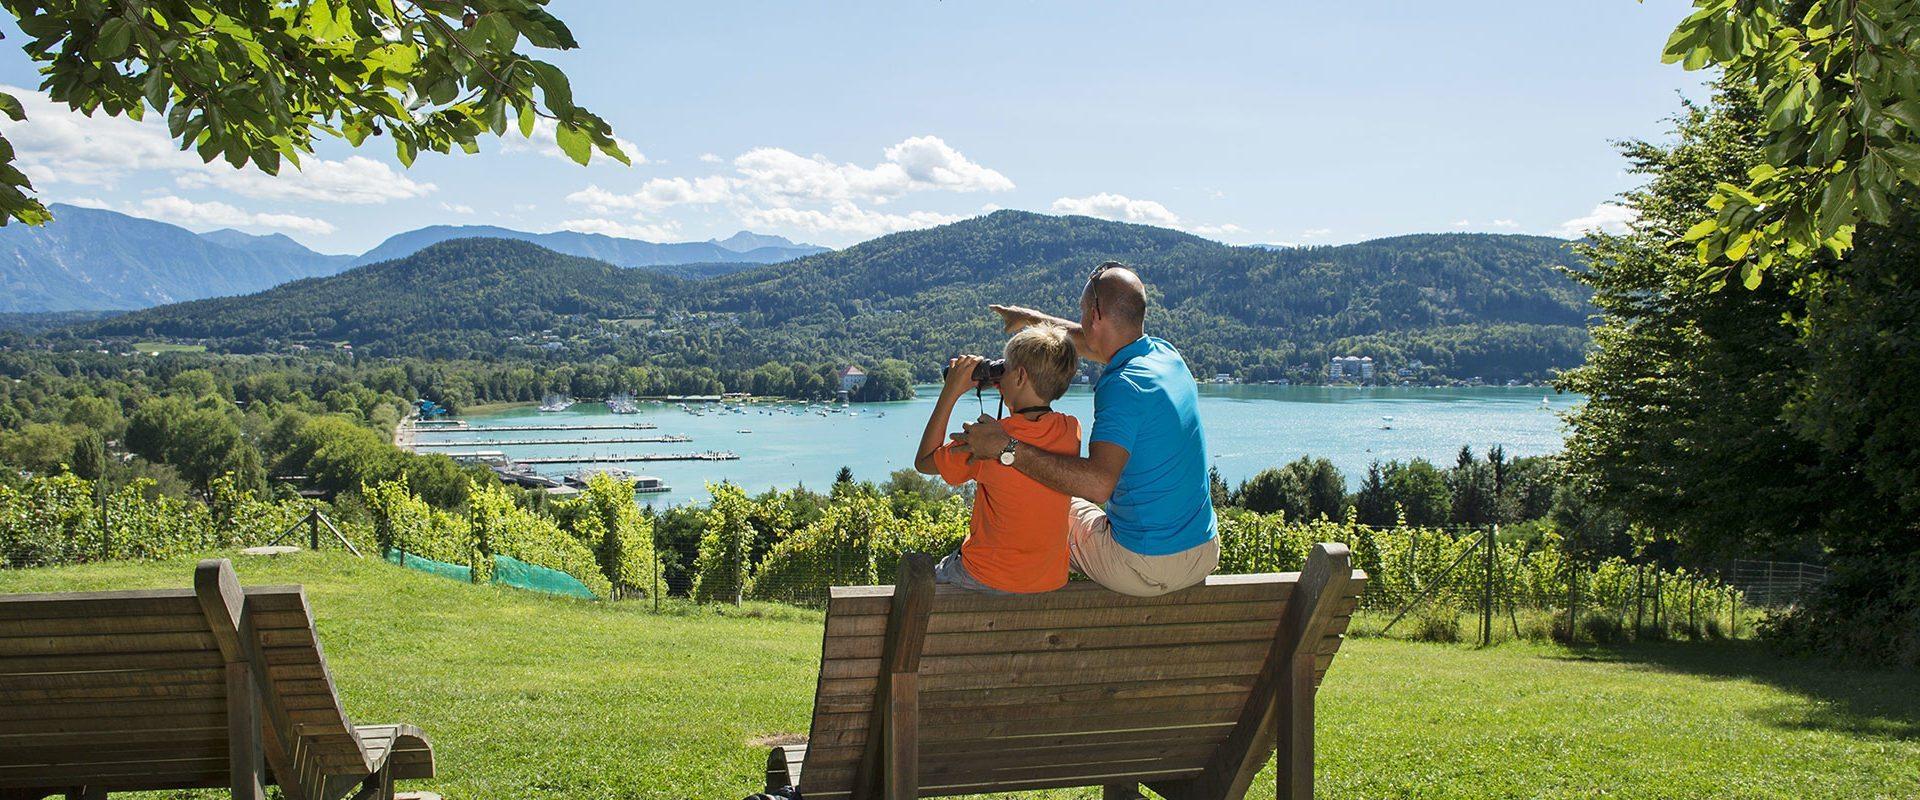 Sommerurlaub am Wörthersee, Kärnten